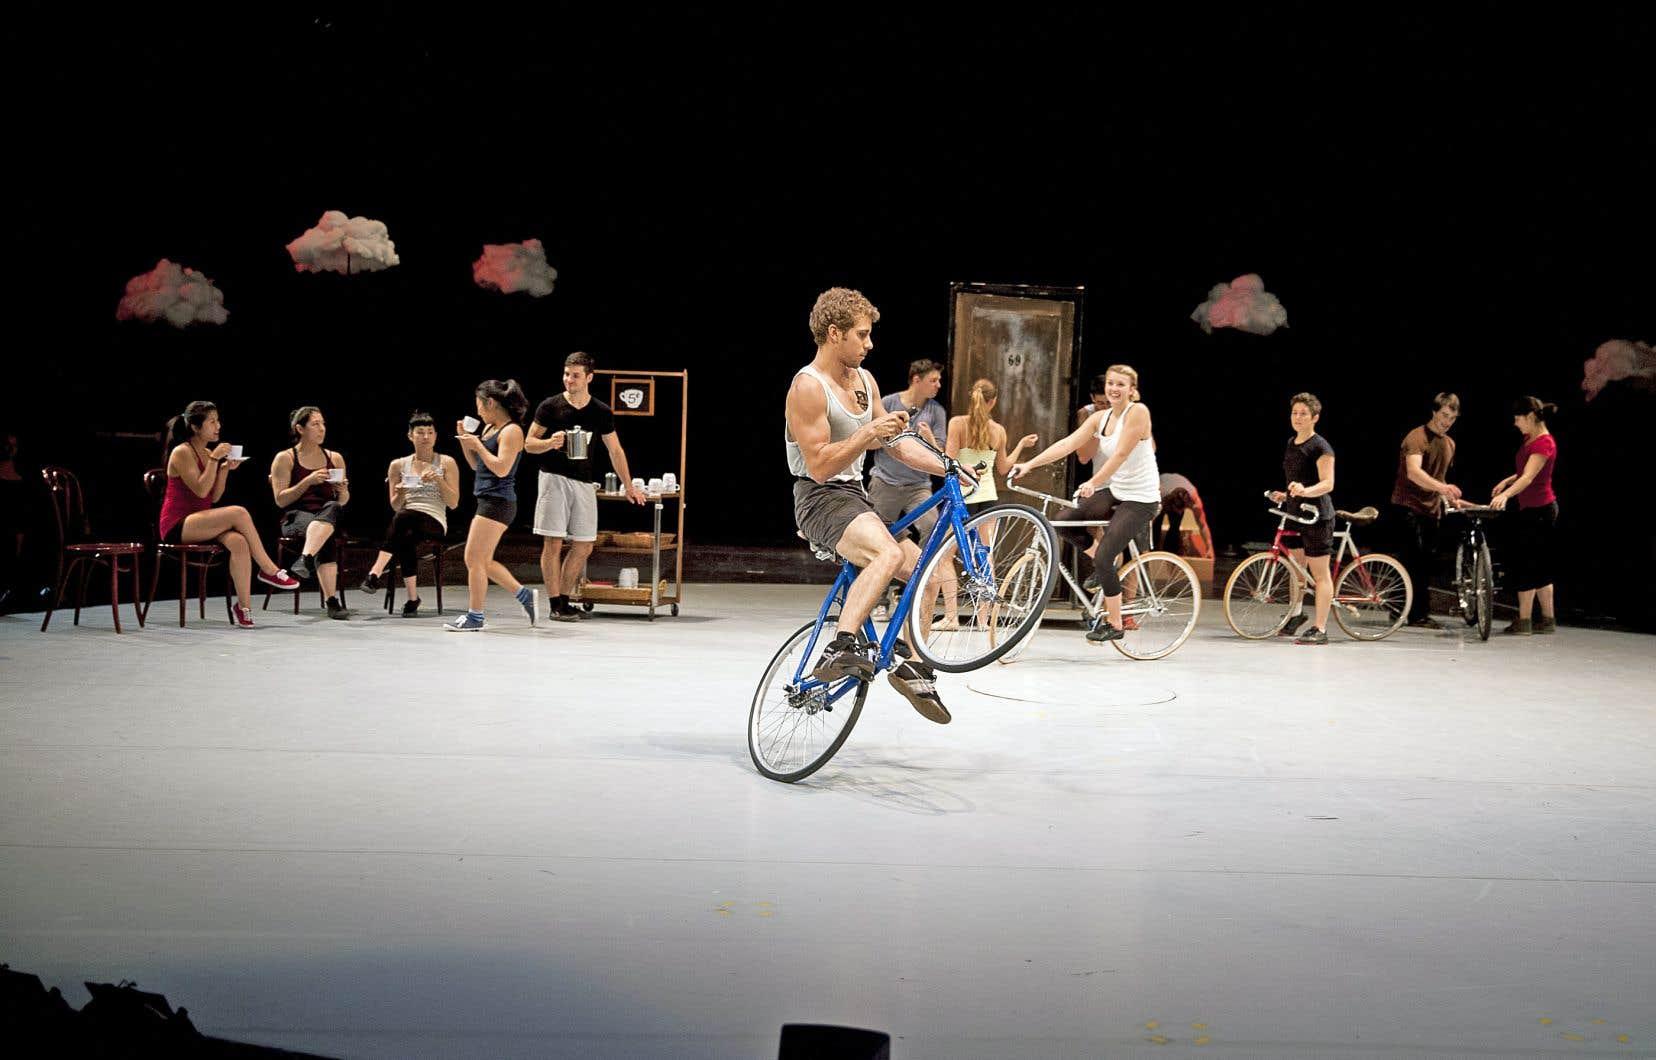 À l'heure actuelle, seulement 40% des élèves de l'École nationale de cirqueproviennent du Québec.